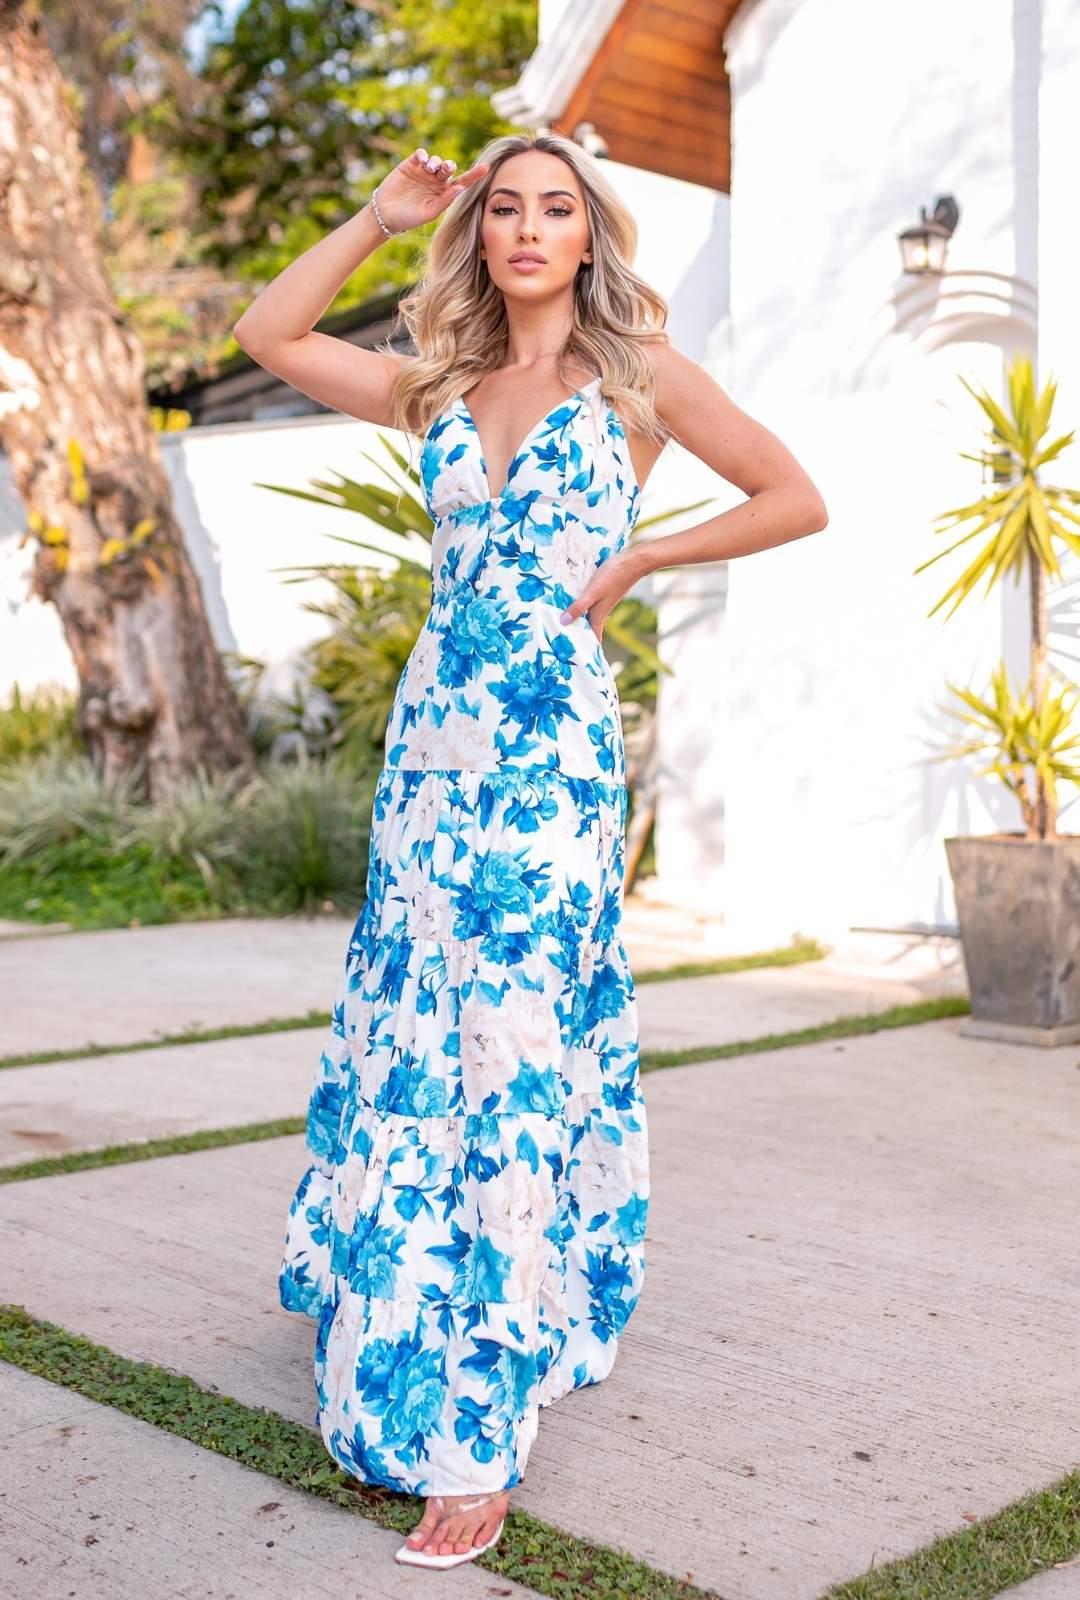 Vestido Longo Joana Crepe de Seda Floral Boho Especial Fundo Branco com Flores Azul